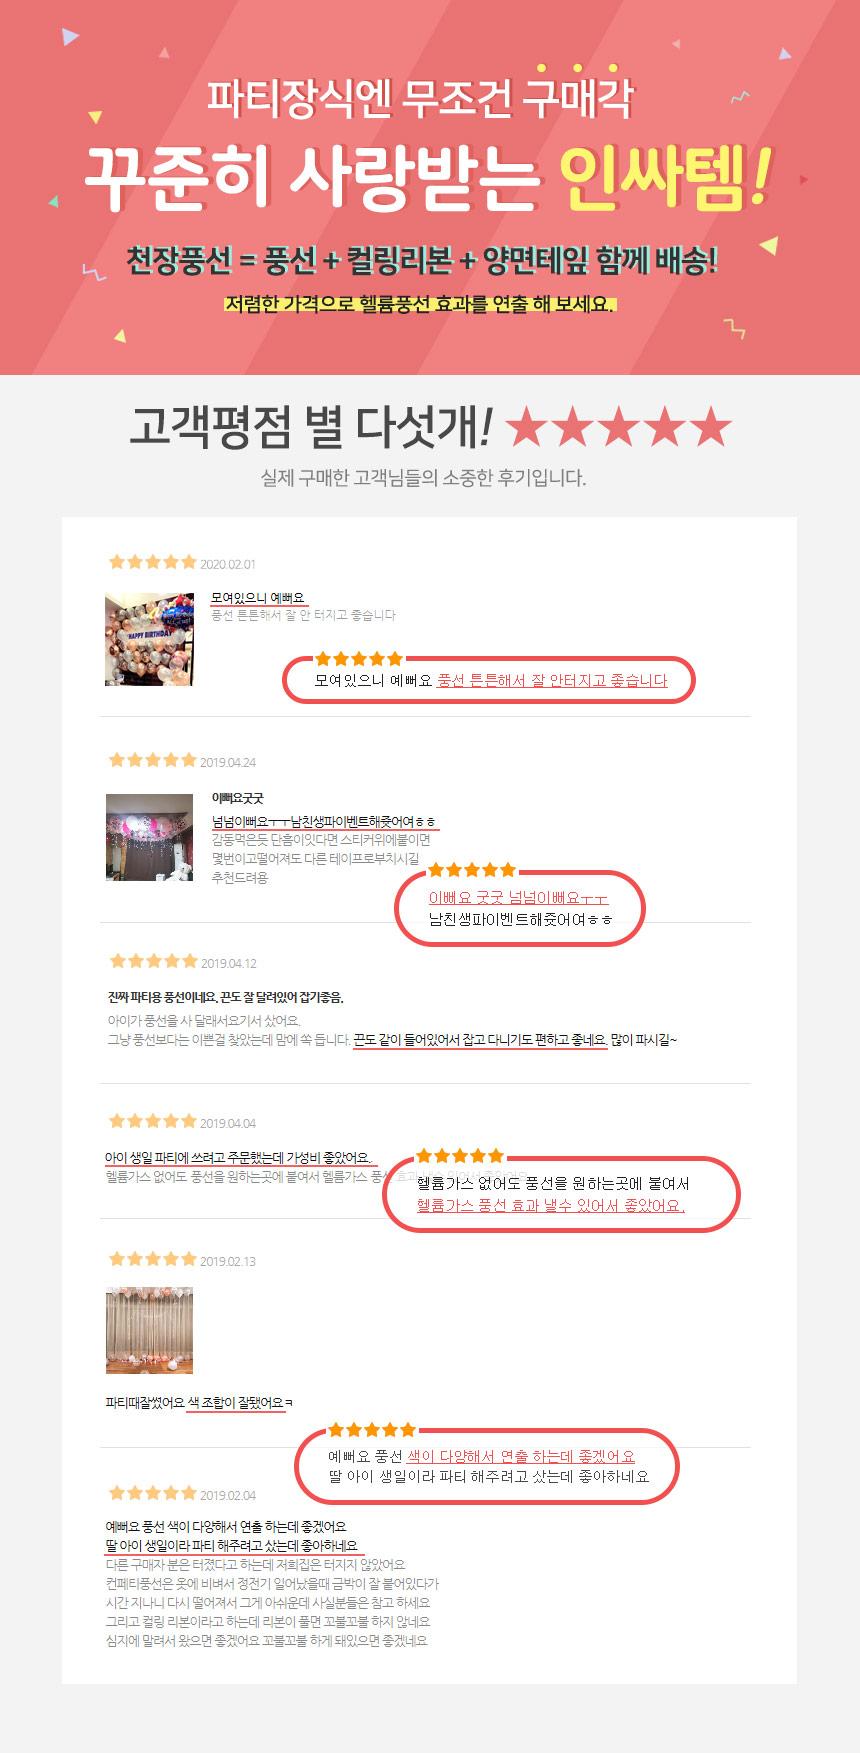 천장풍선세트 로즈골드 은박 별 _partypang - 파티팡, 8,800원, 파티용품, 풍선/세트